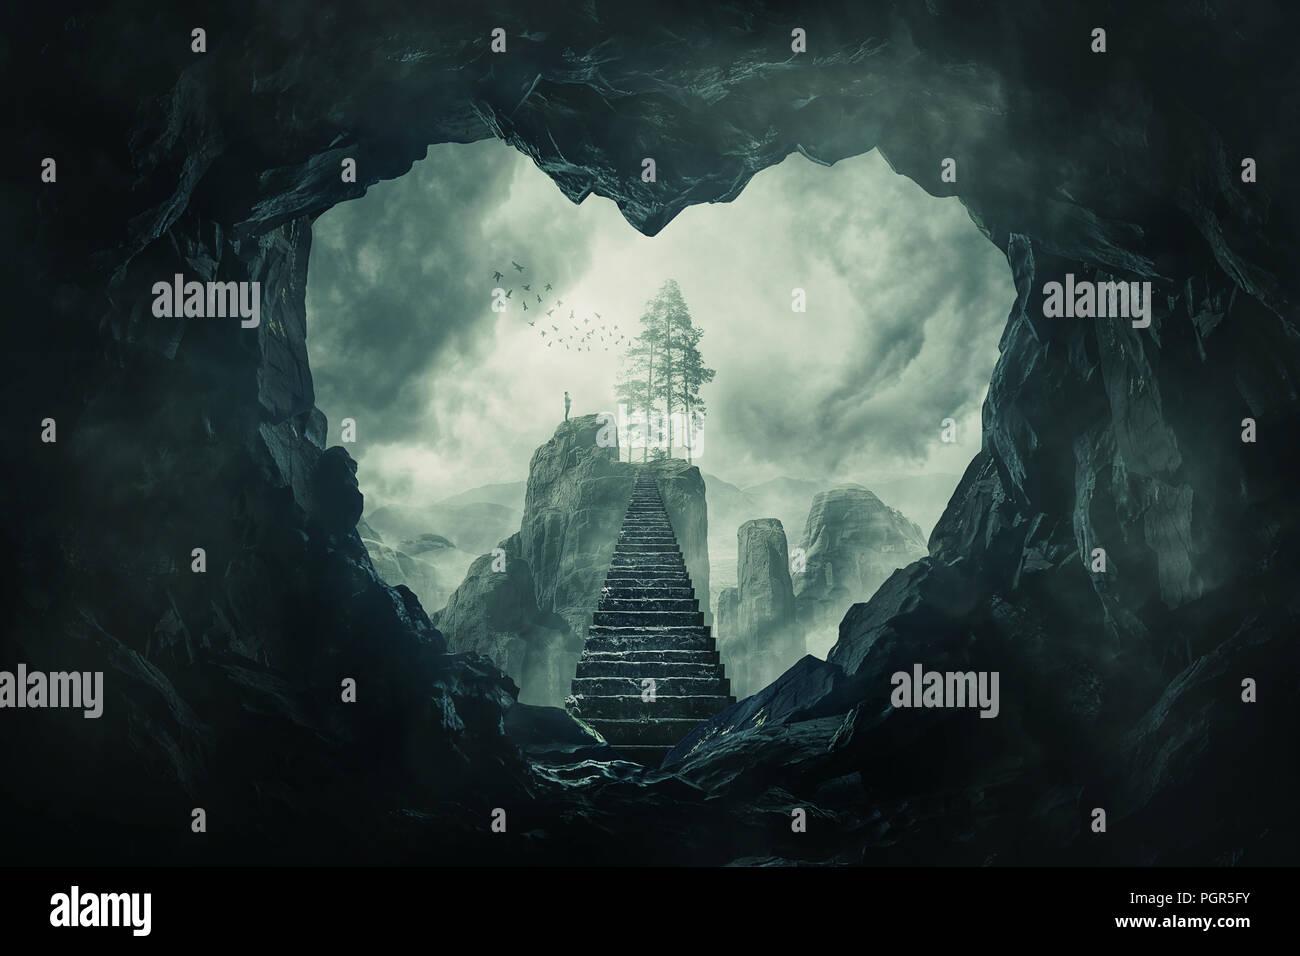 Surreal anzeigen Herzförmige dunkle Höhle verlassen und Mystic Treppe überqueren die nebelverhangenen Abgrund bis zu unbekannten Paradies geht. Gelegenheit Treppe zu lieben, Weg Stockfoto